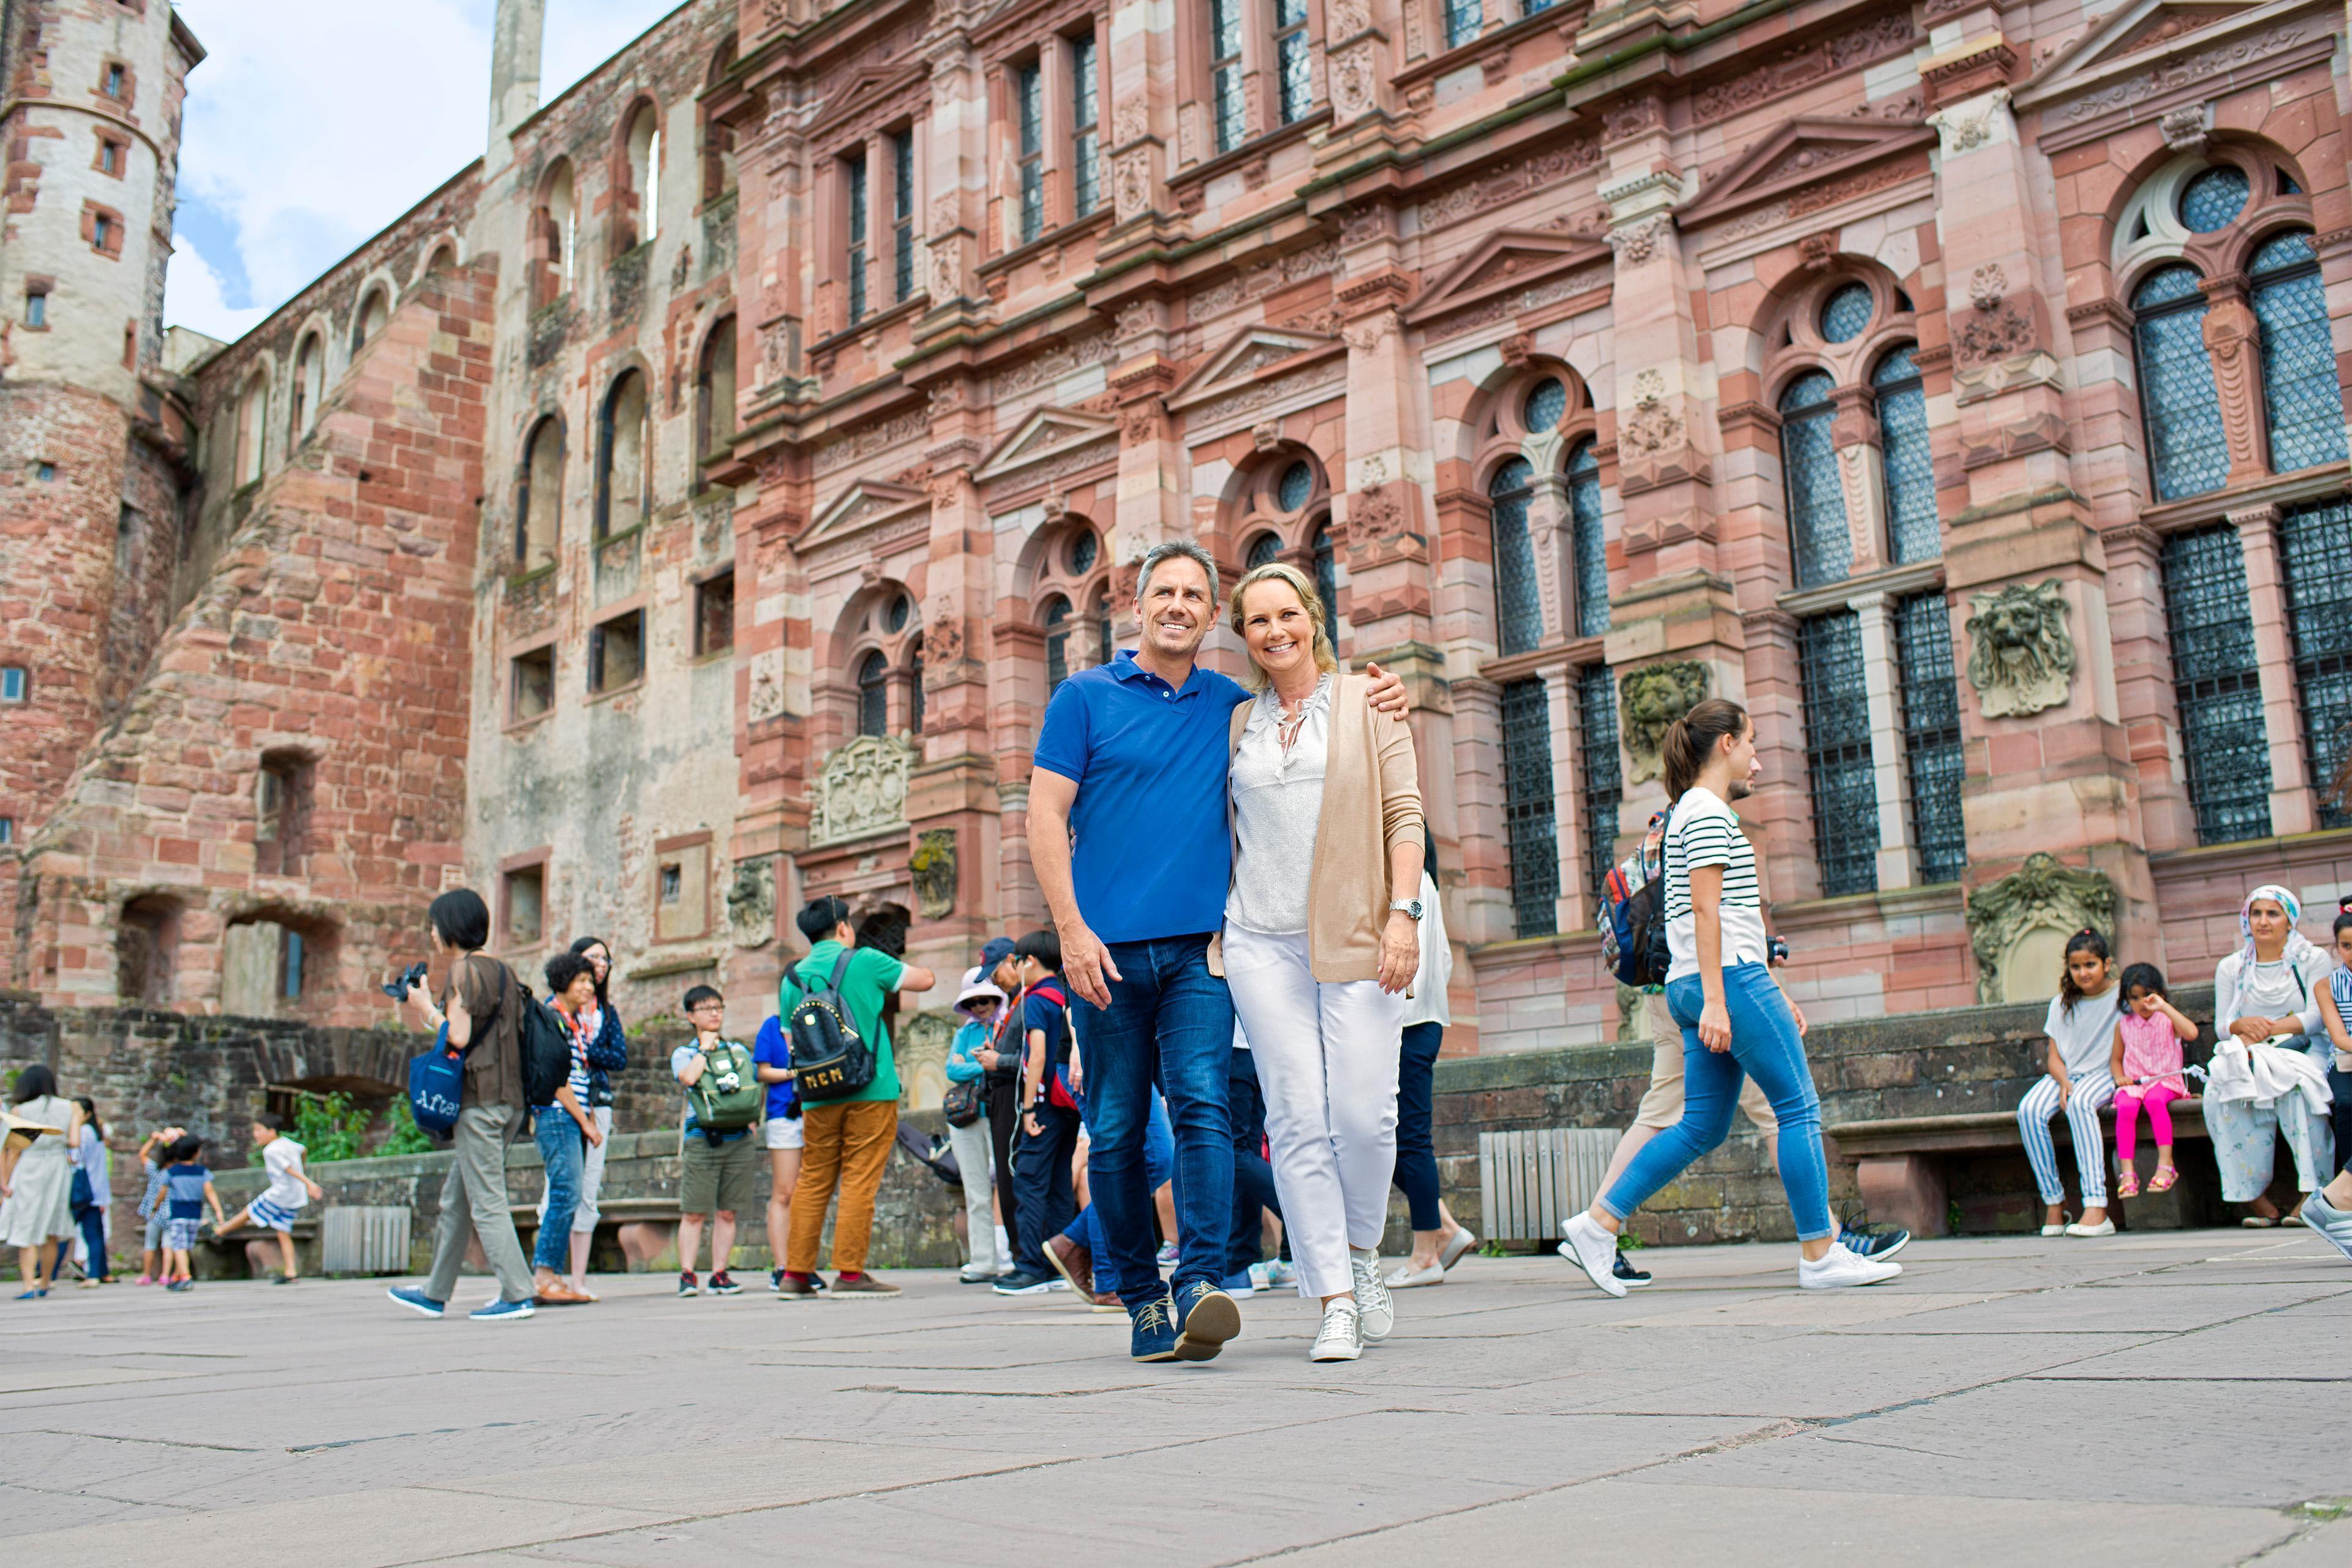 Besucherinnen im Schlosshof, Schloss Heidelberg; Foto: Staatliche Schlösser und Gärten Baden-Württemberg, Niels Schubert